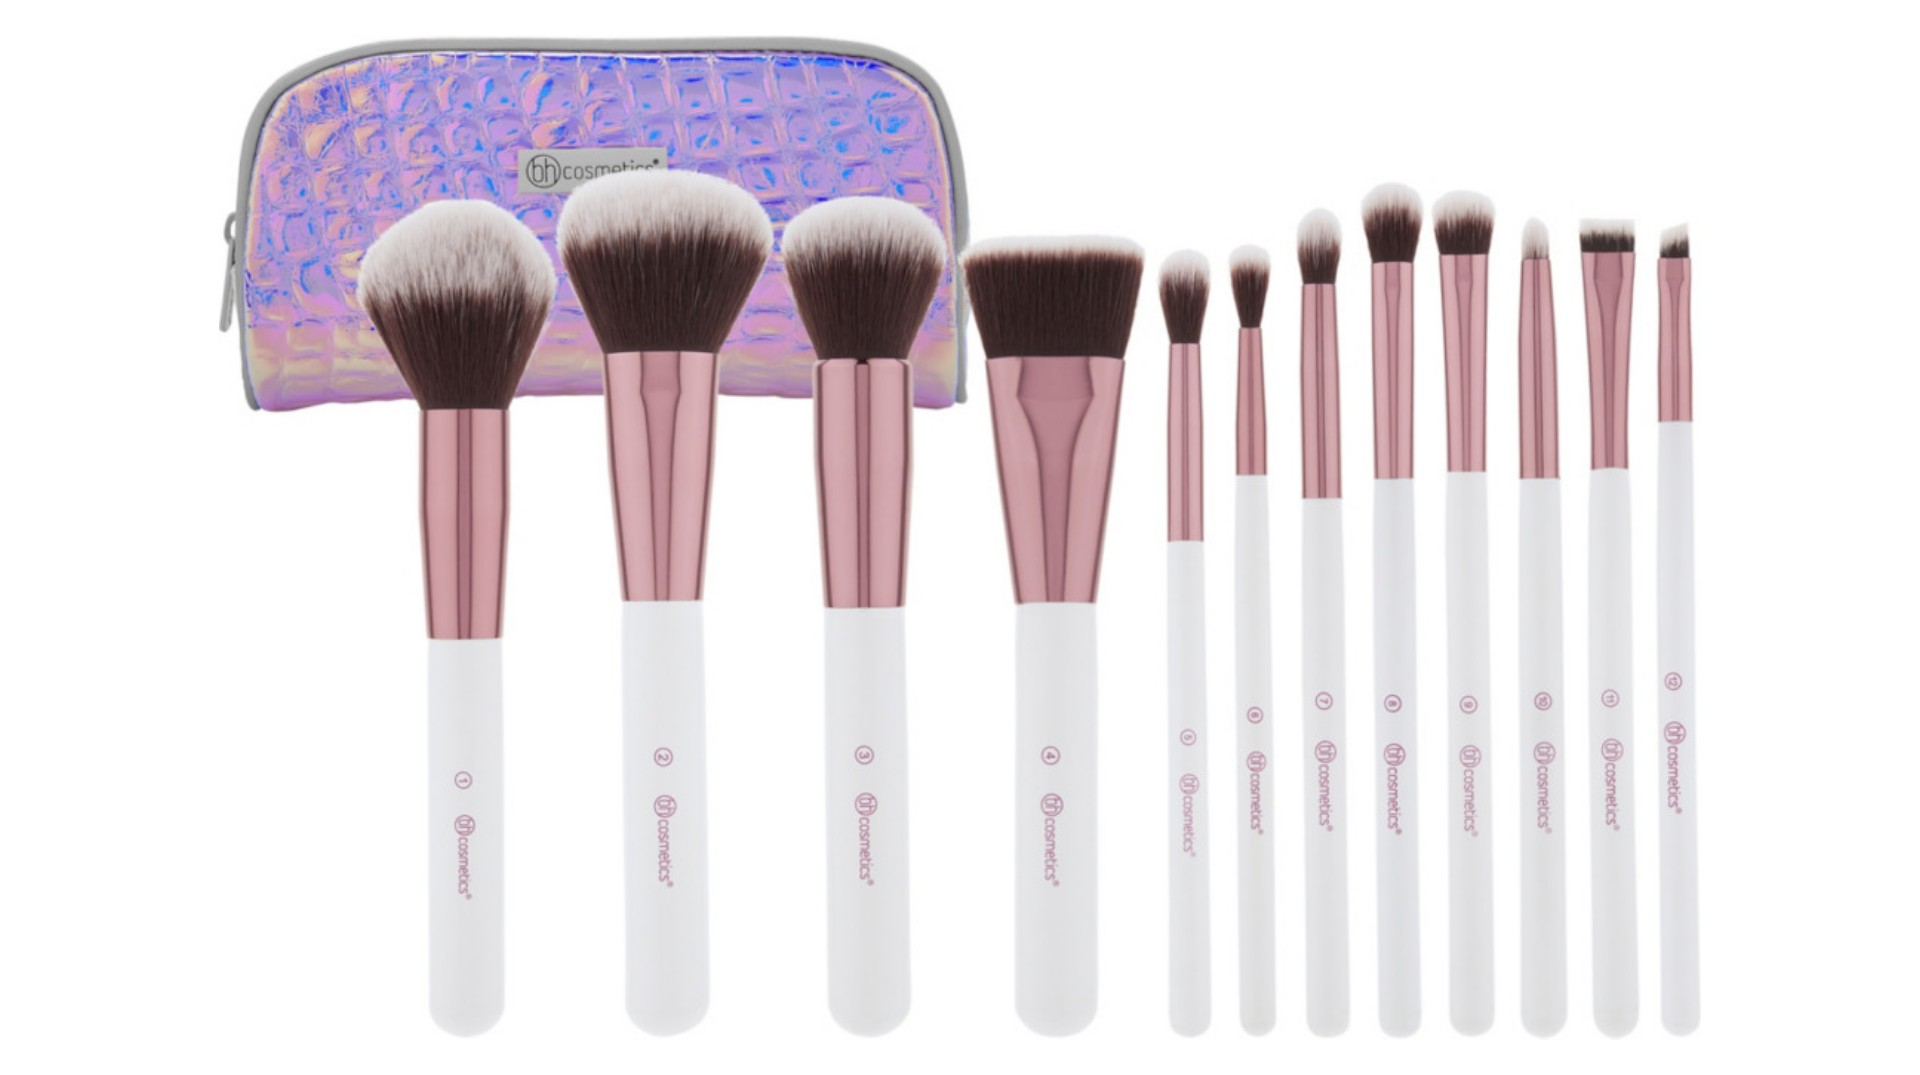 ست-براش-کیفی-هلوگرامی-بی-اچ-کازمتیکس-b-h-cosmetics